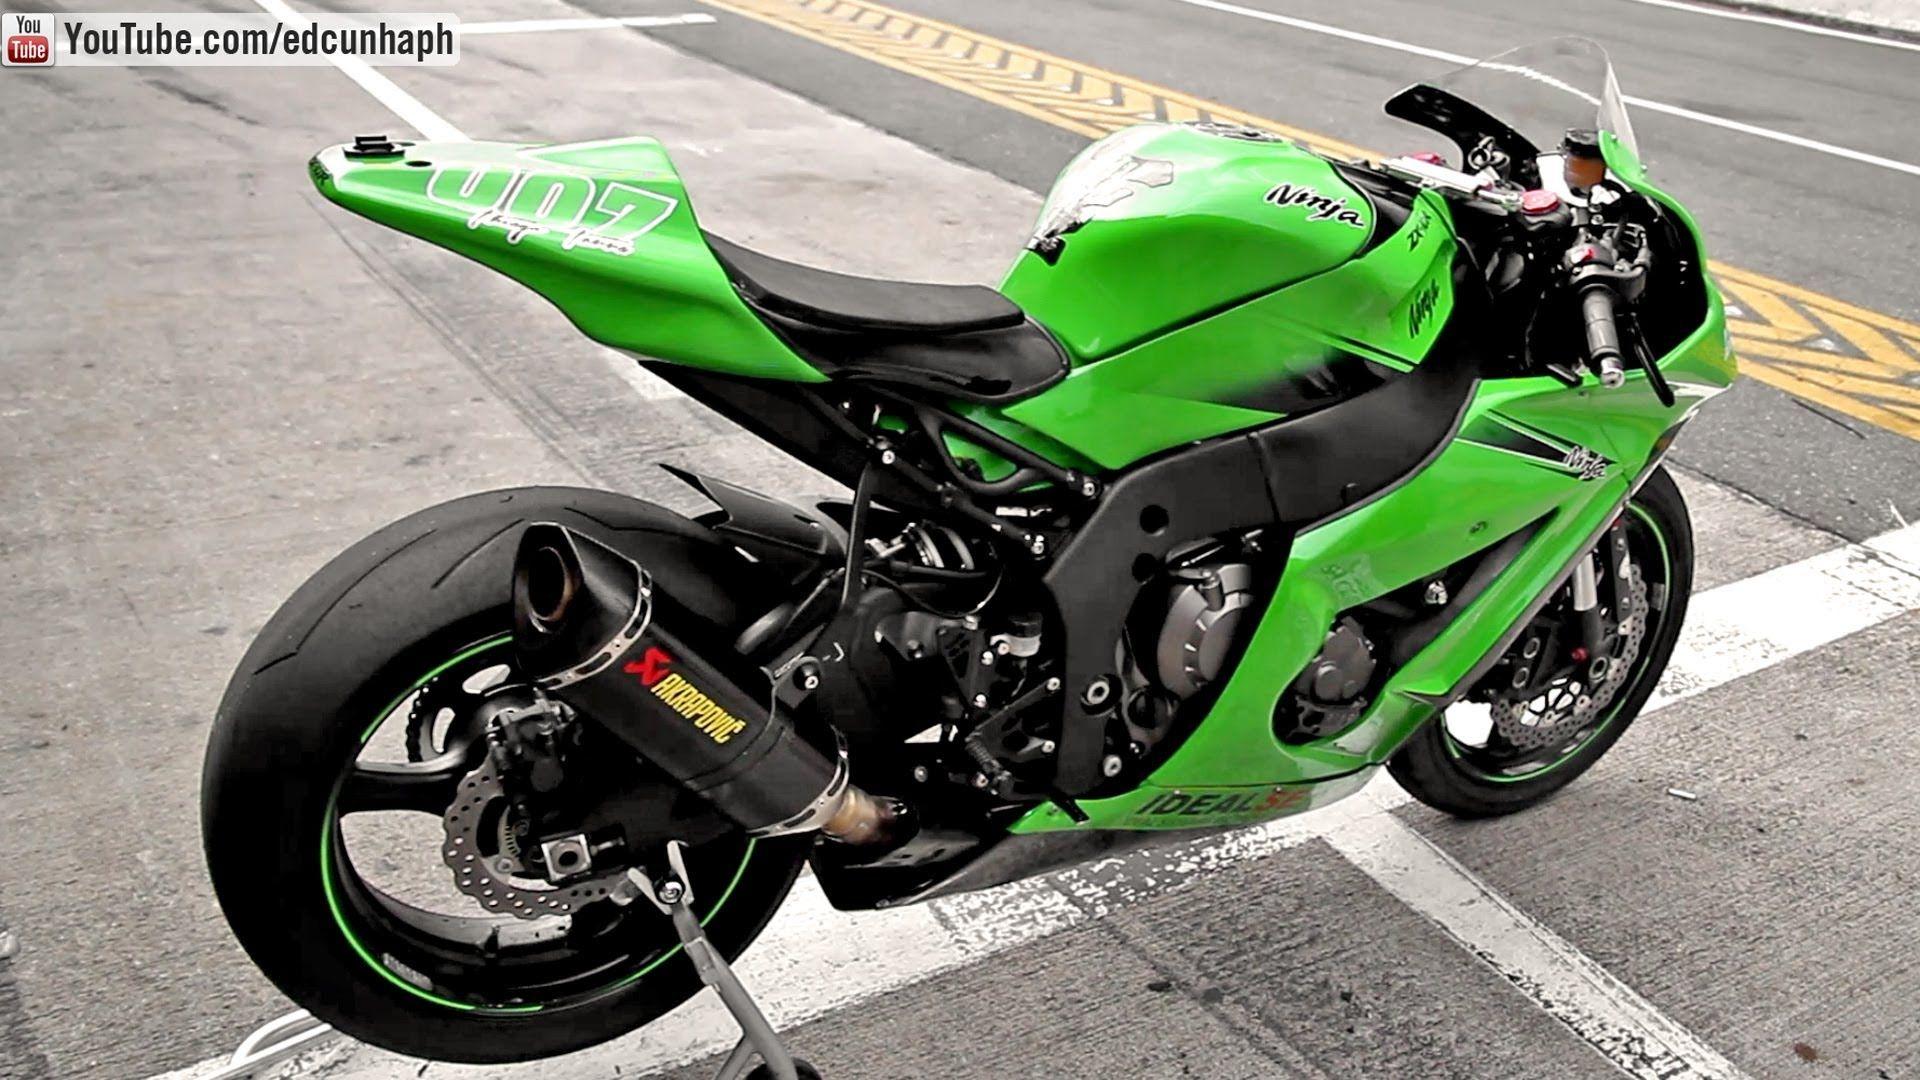 2004 Kawasaki Zx10rr Endurance